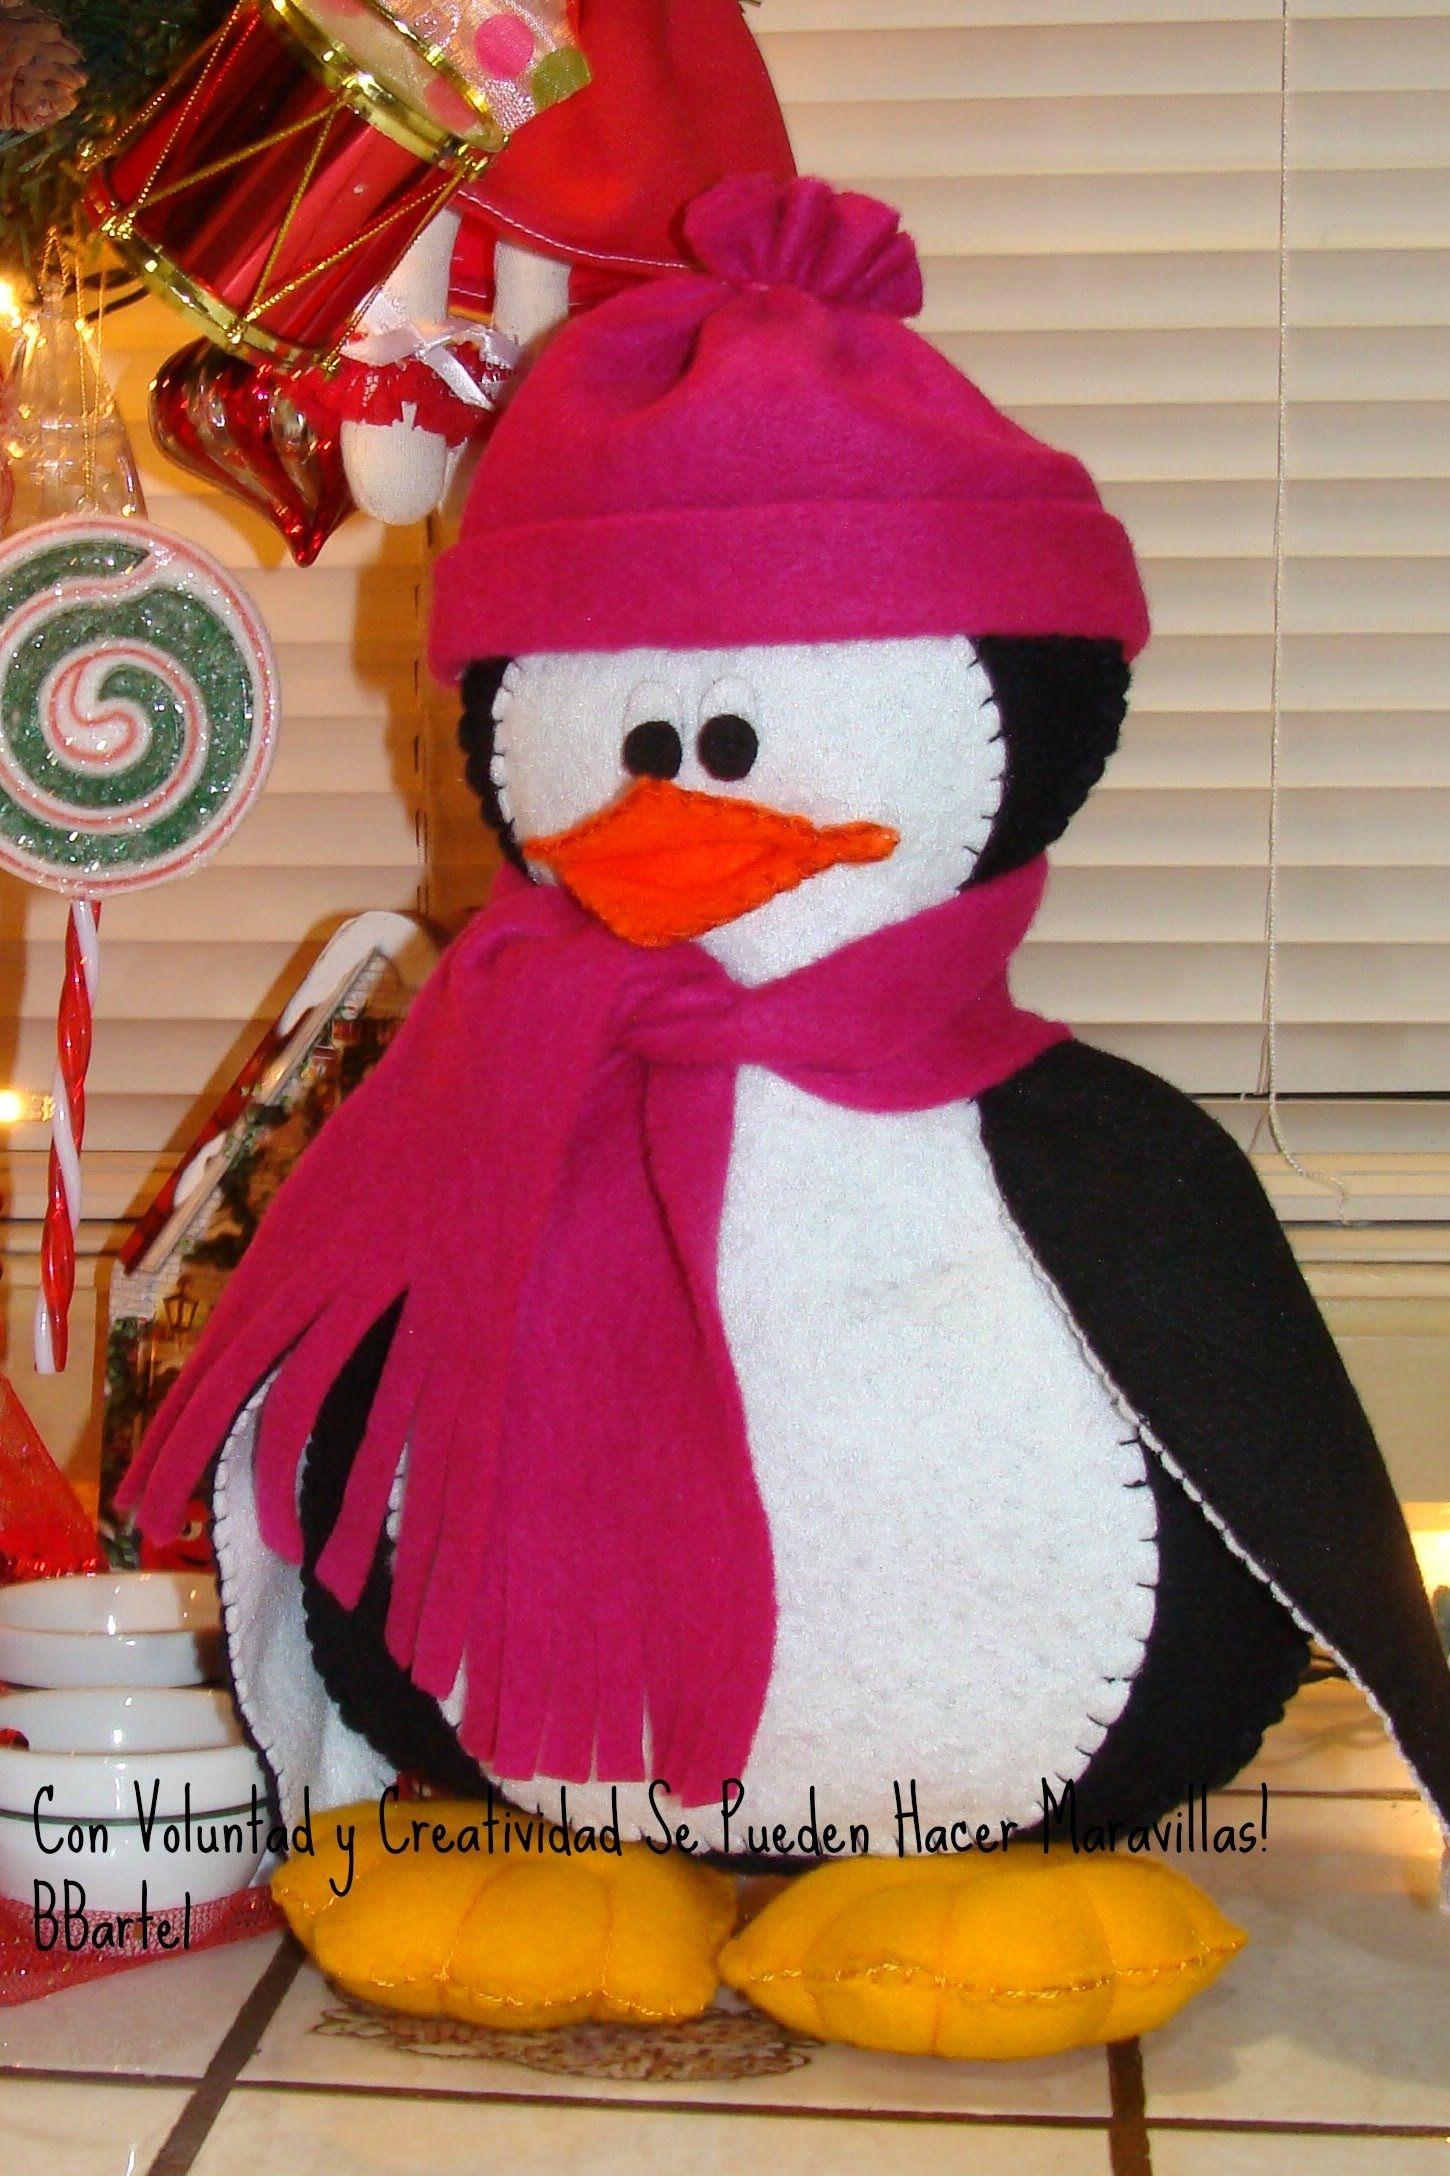 Diy pinguinito en fieltro adorno navide o bbarte1 for Navidad adornos manualidades navidenas